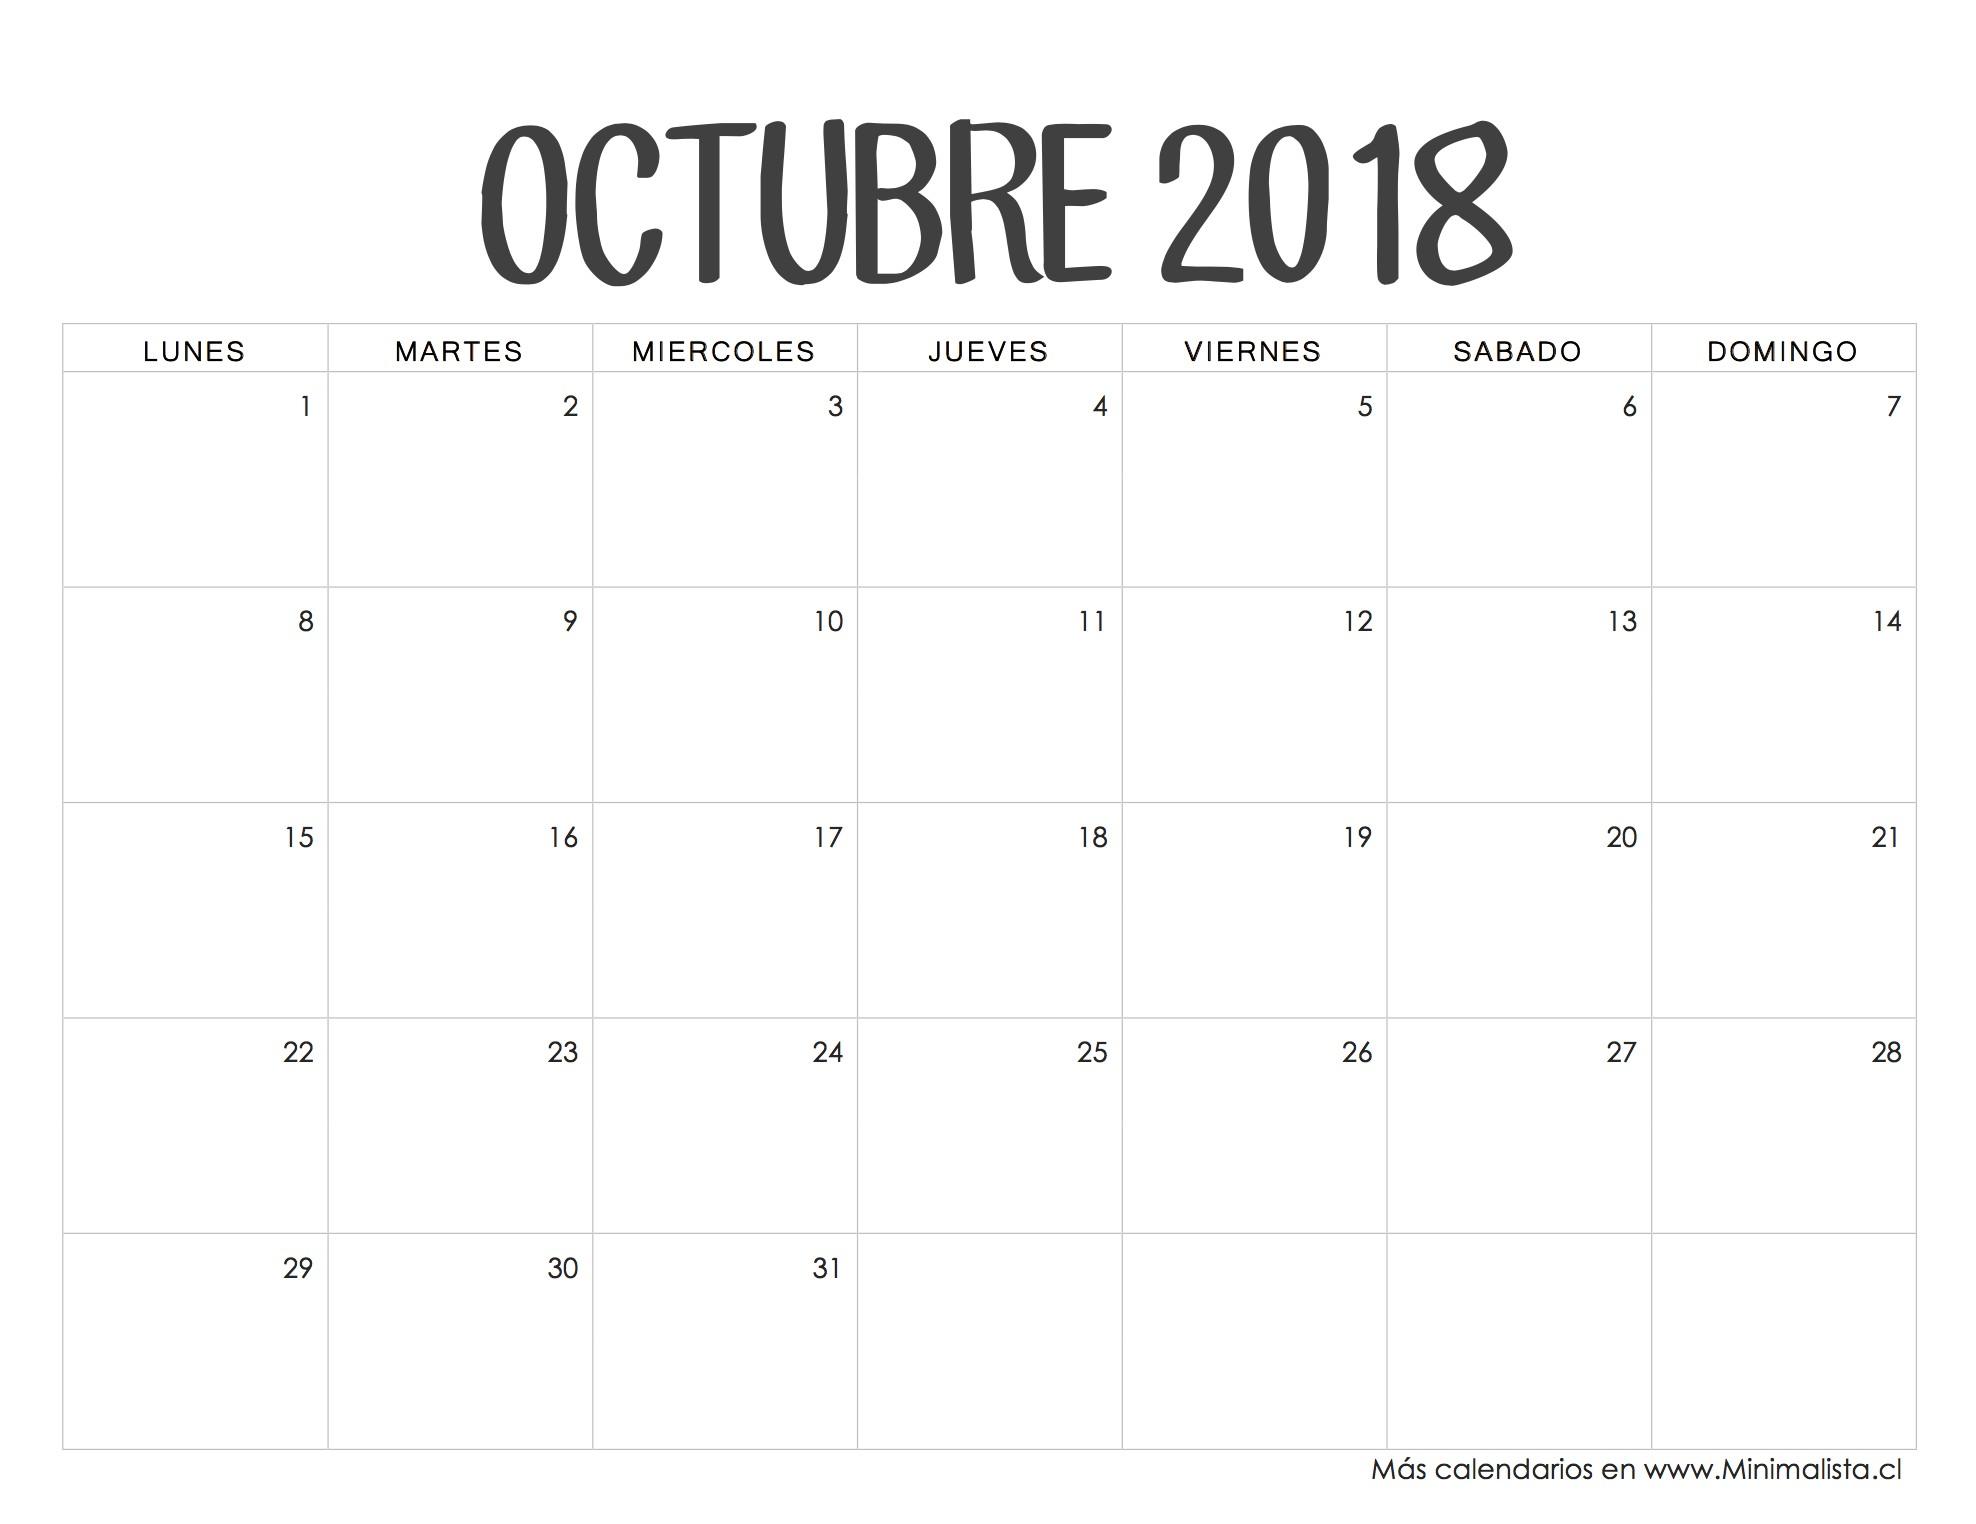 Calendario Octubre 2018 cal2018 Pinterest